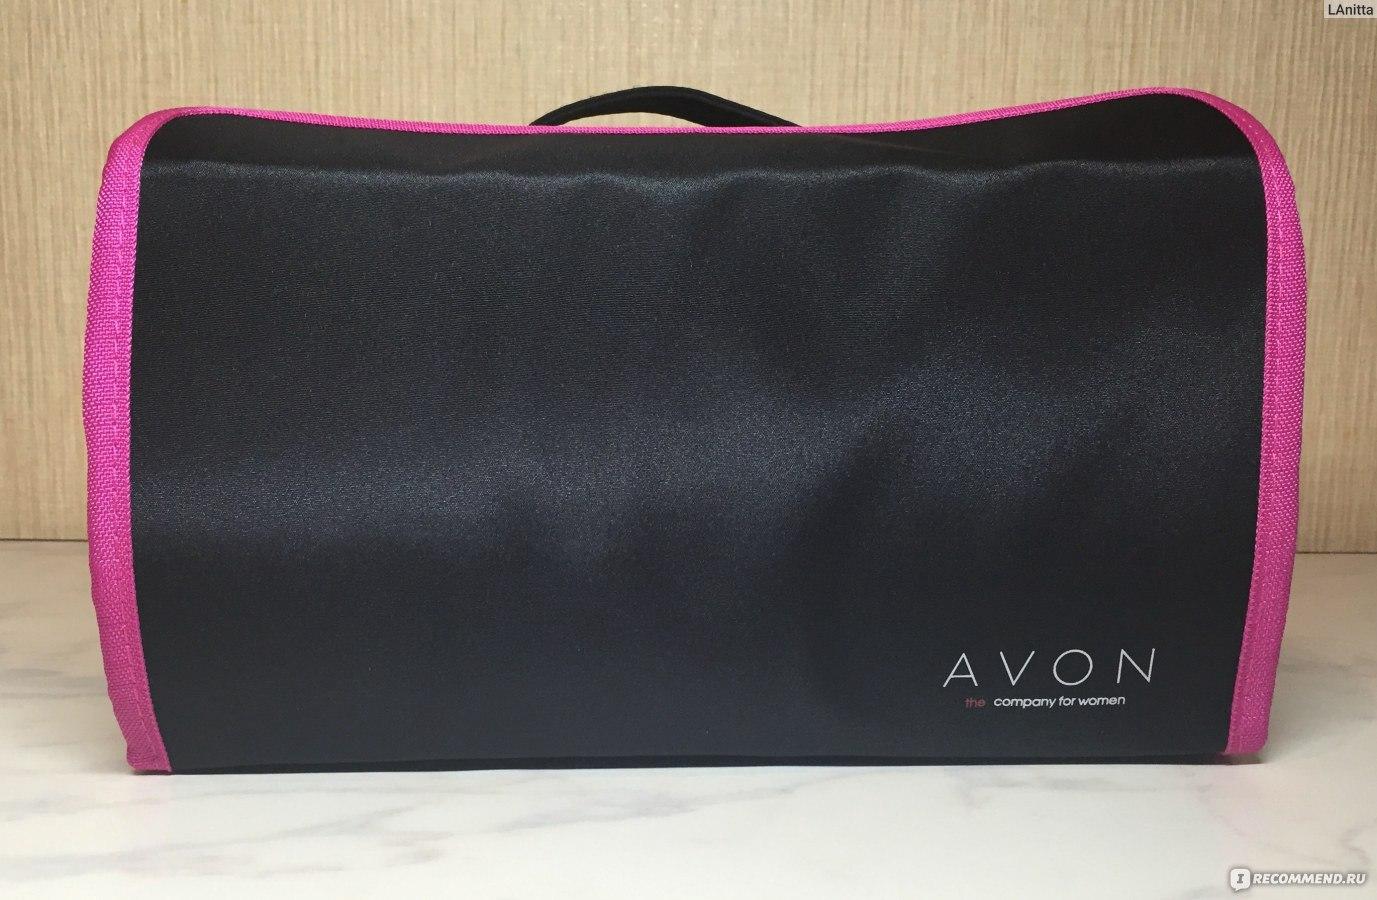 Дорожная косметичка Avon Travel Beauty Organizer ...: http://irecommend.ru/content/stilnaya-i-vmestitelnaya-kosmetichka-no-mne-pridetsya-s-nei-rasproshchatsya